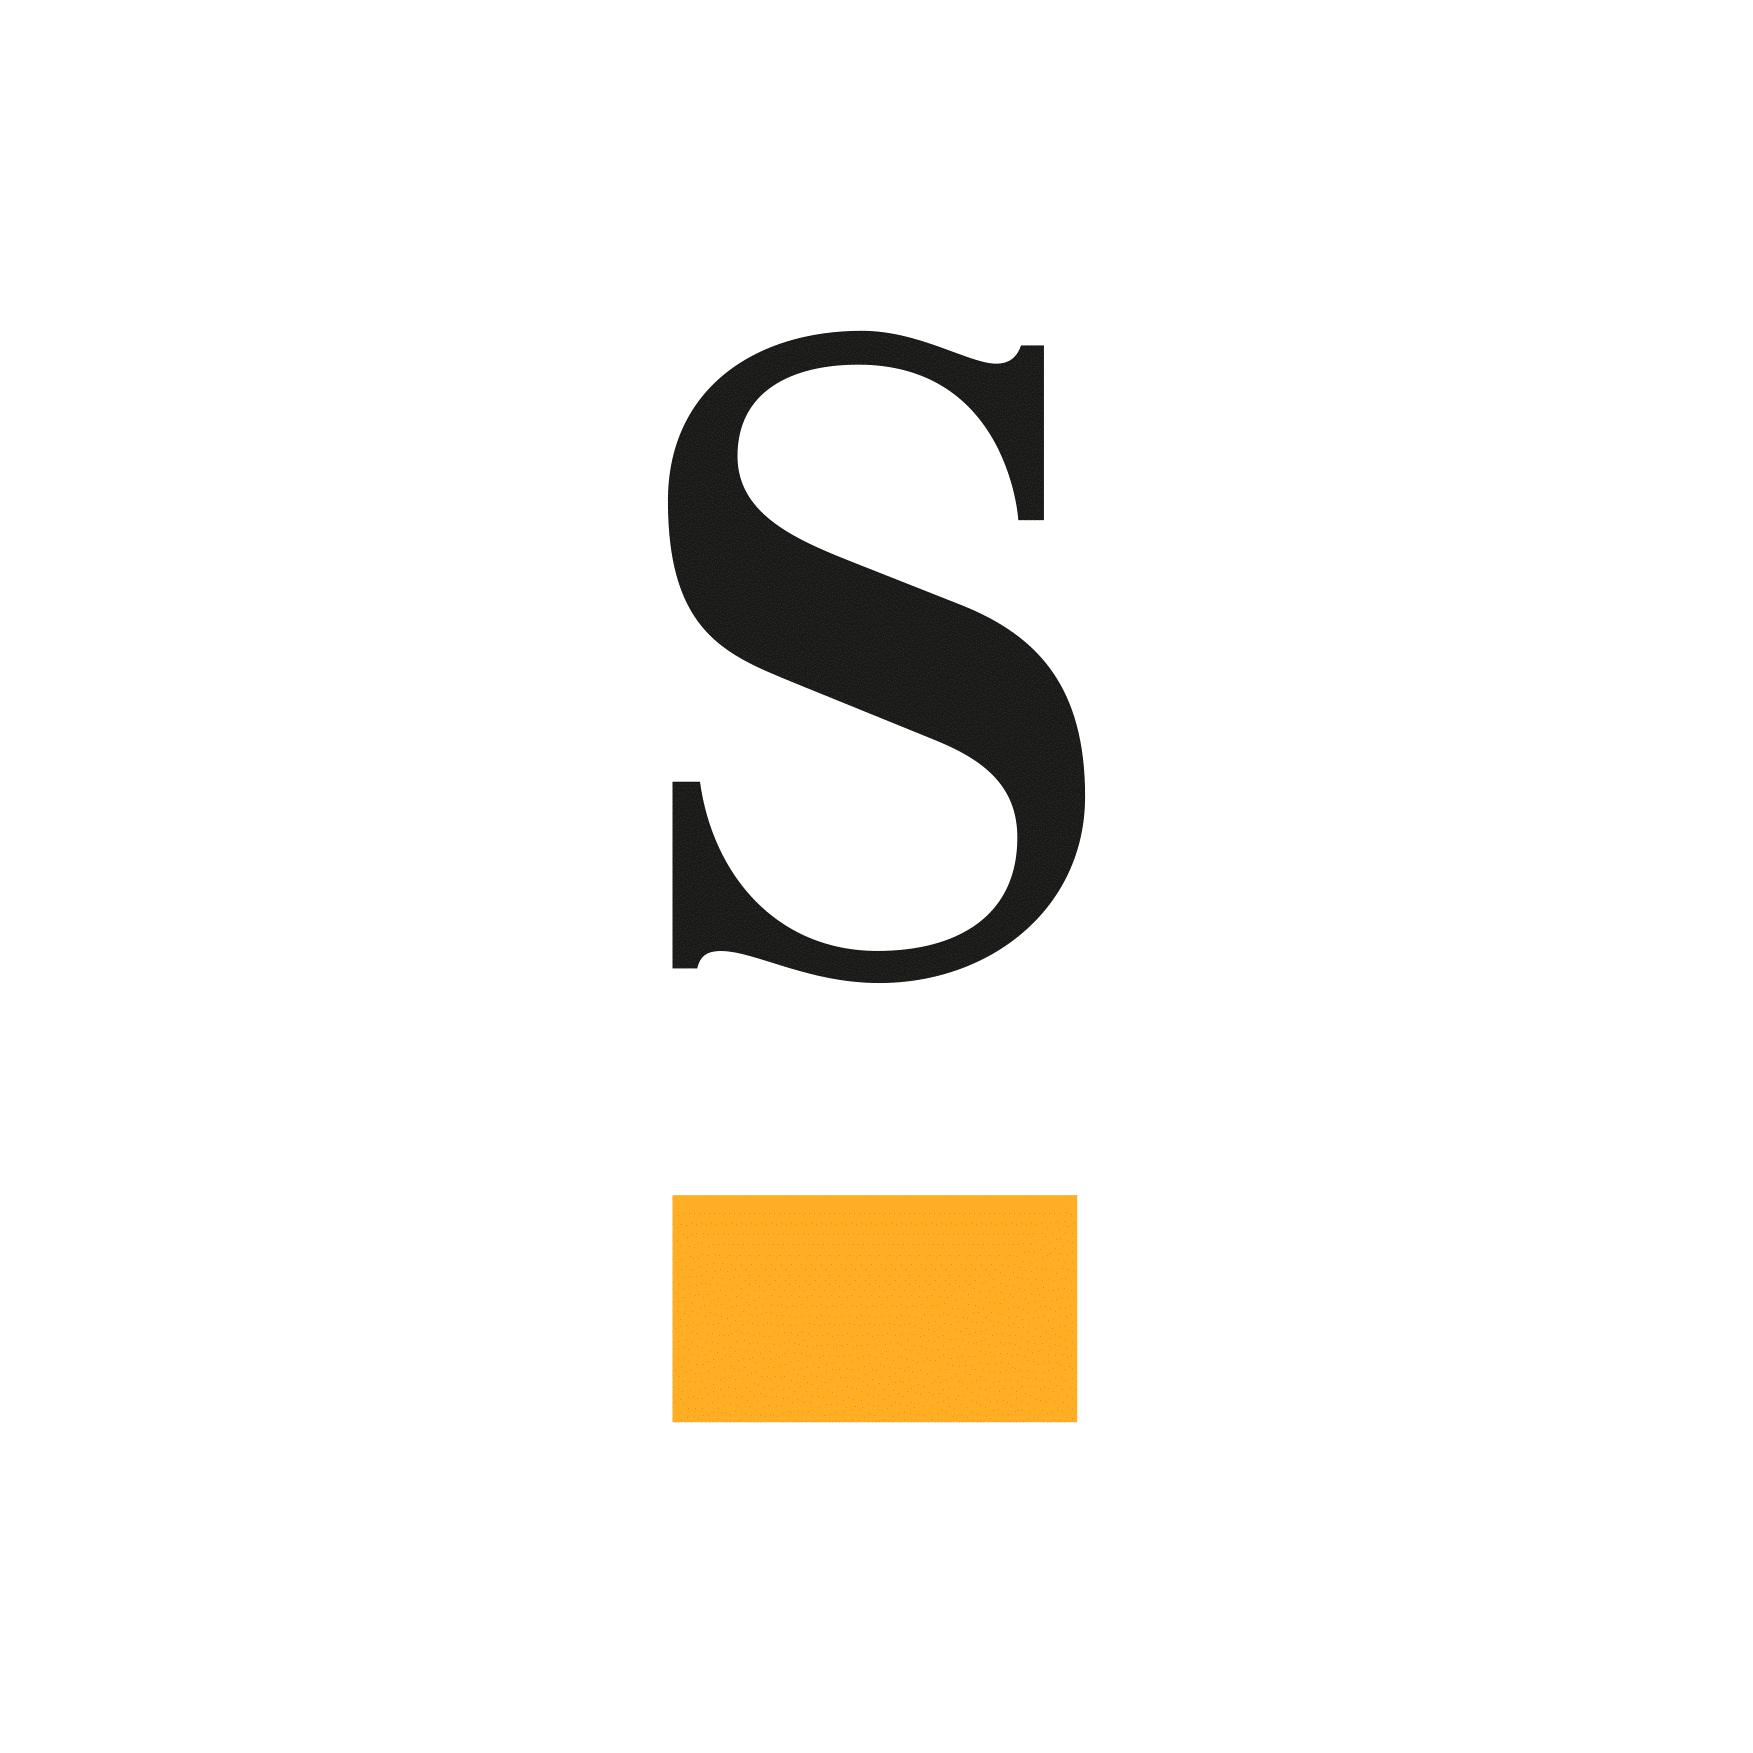 Salaground Services